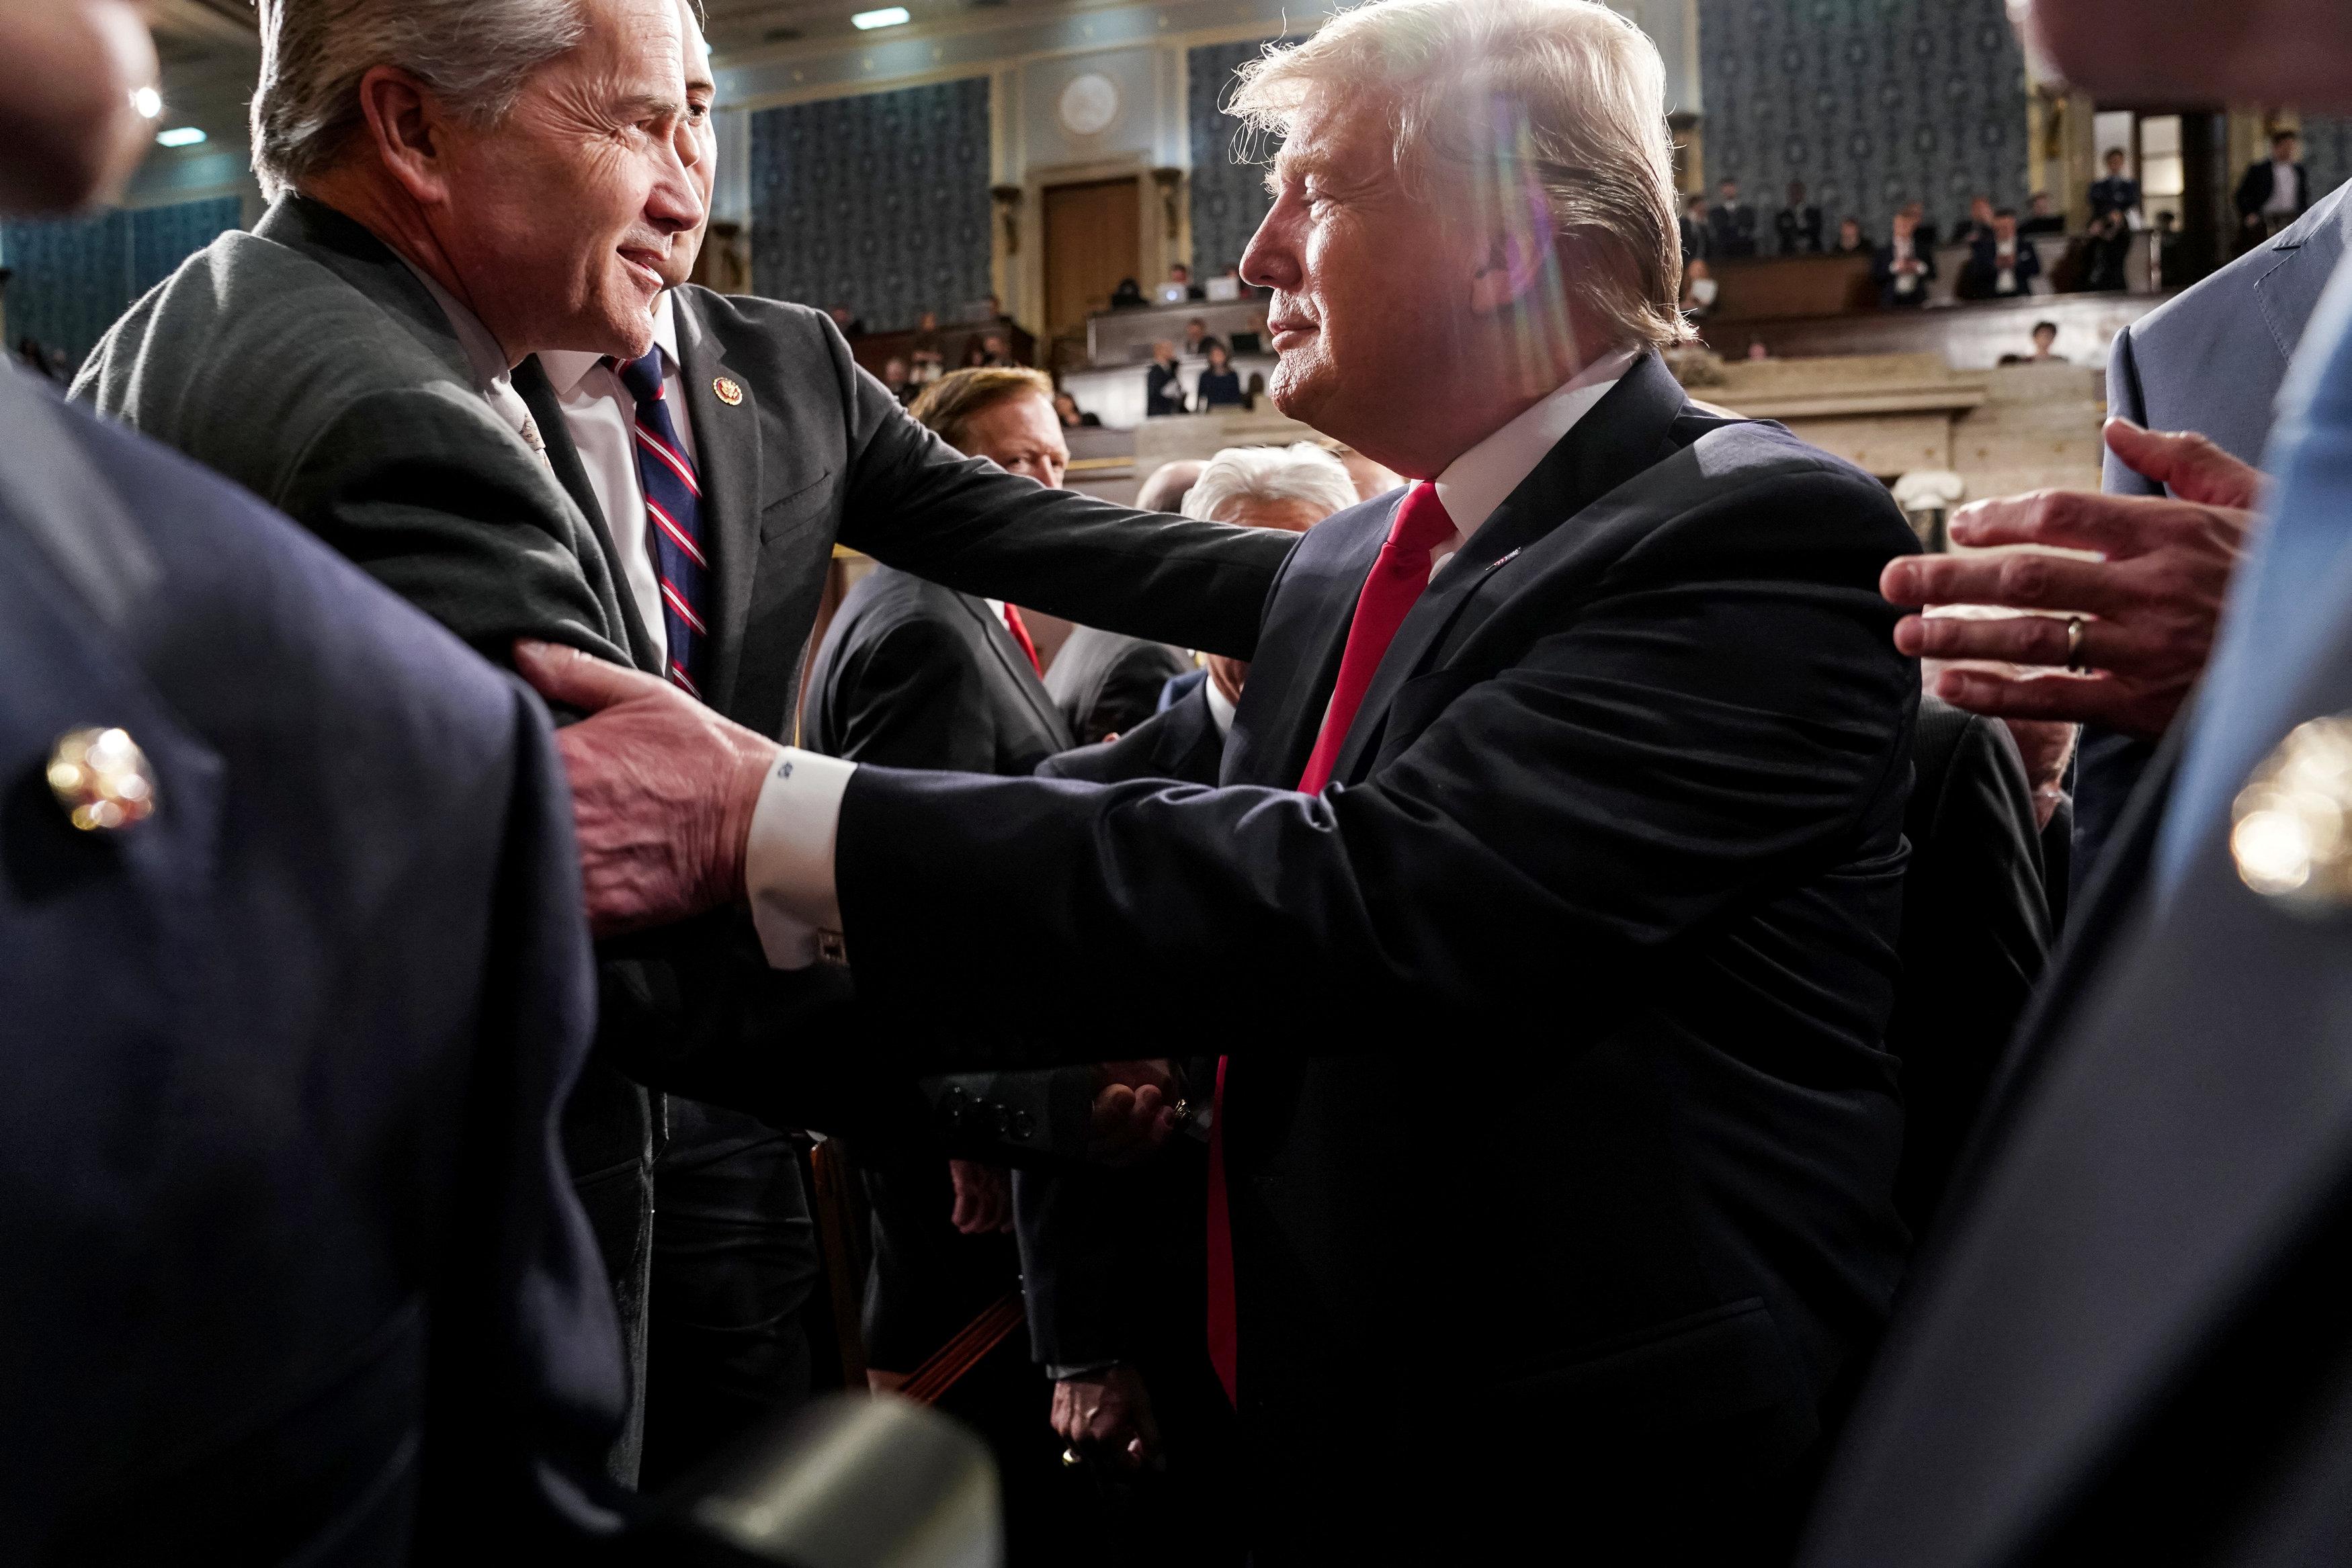 مصافحات بين الرئيس وأعضاء الكونجرس